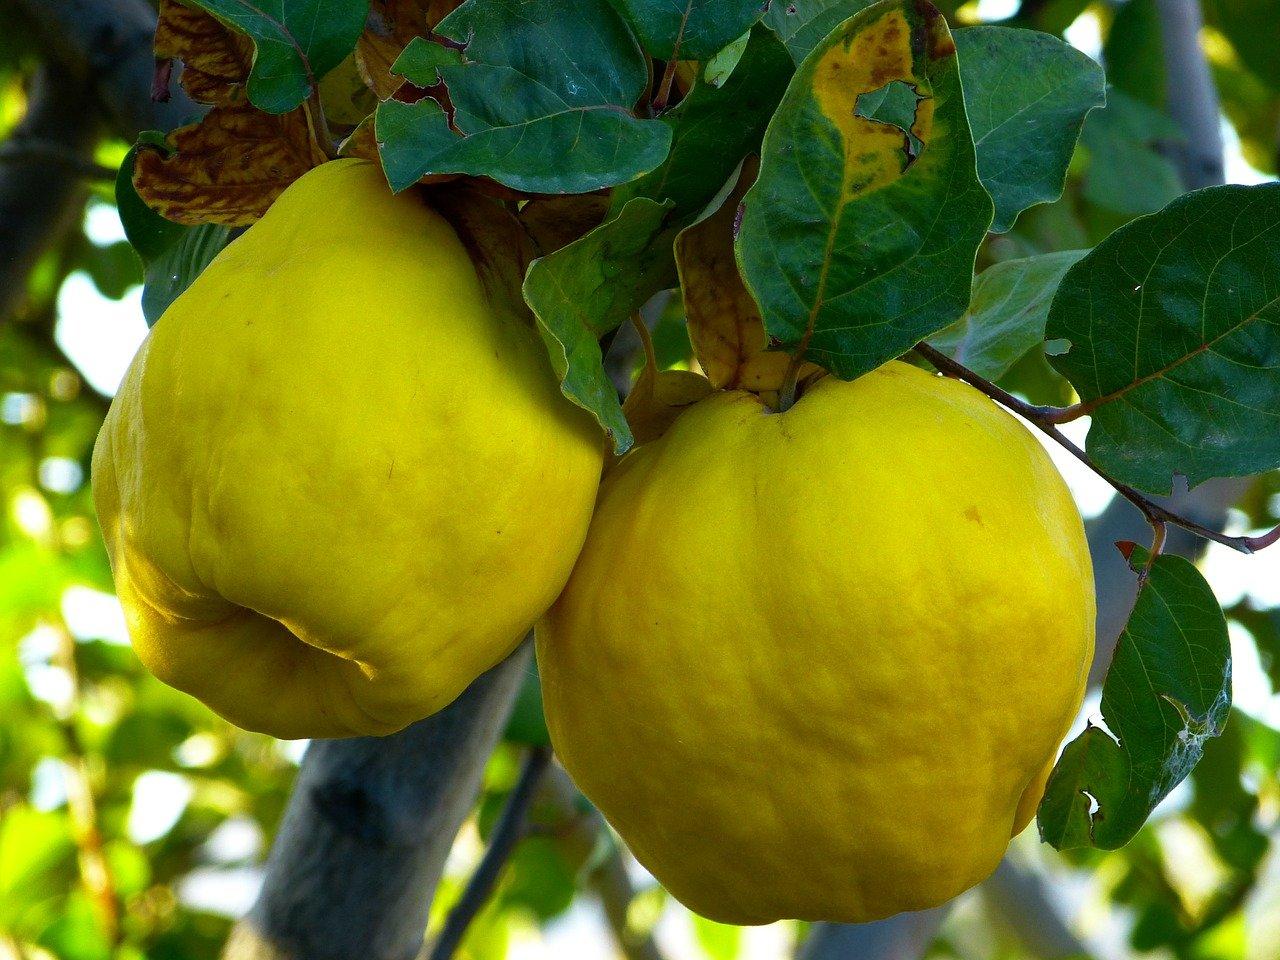 ČISTI PLUĆA RADIKALNO i umiruje kašalj, sadrži duplo više vitamina C od limuna: Ovo je najzdravija voćka na svijetu